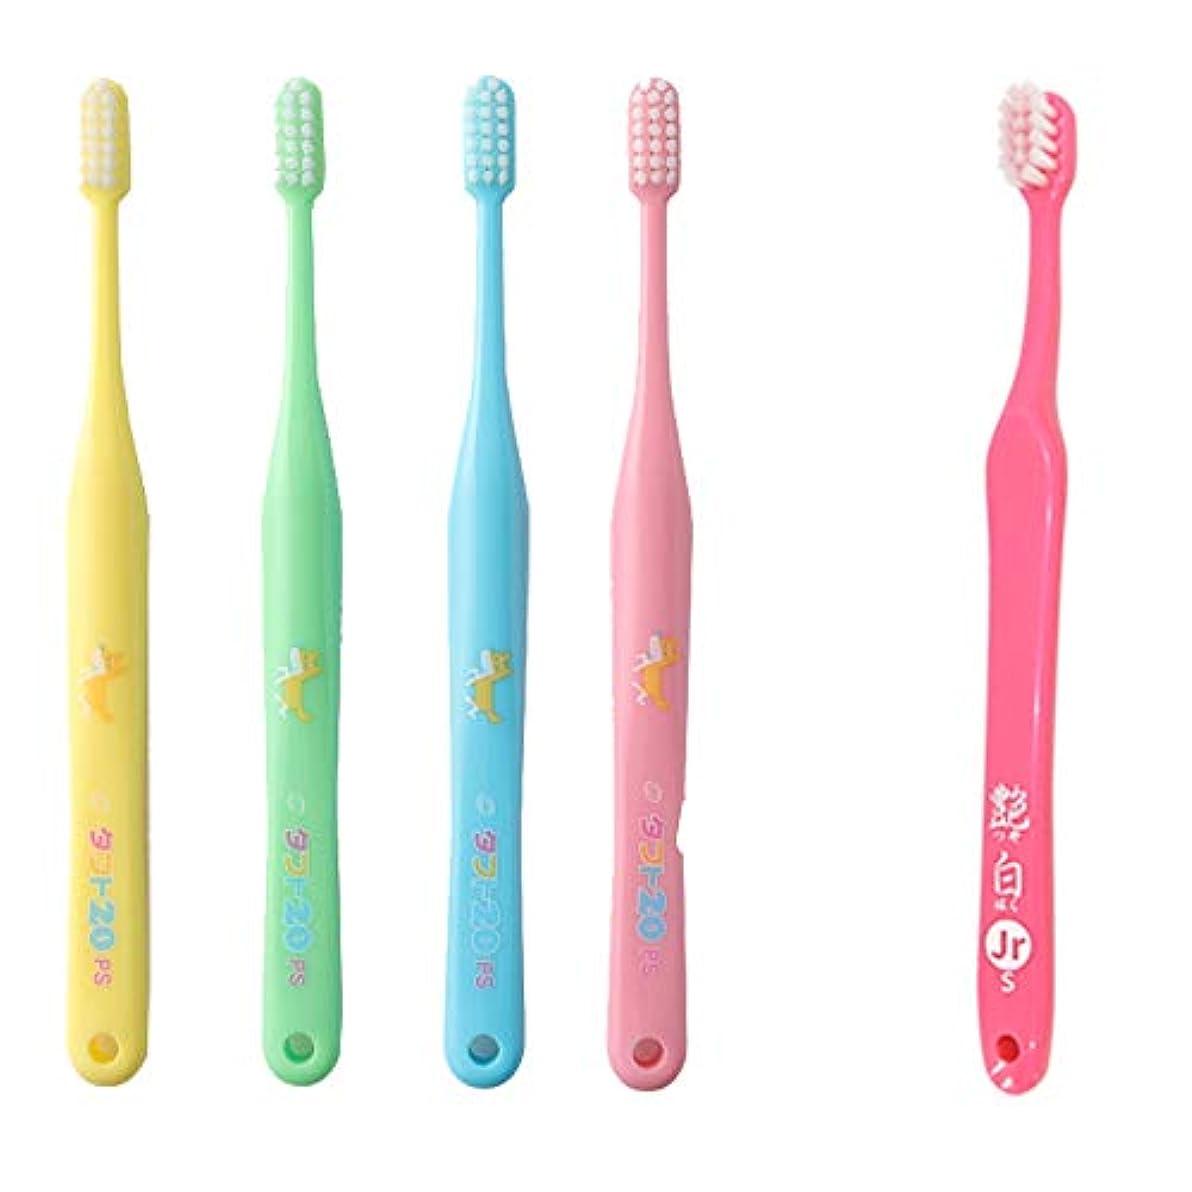 スキーム満足できる生態学タフト20(プレミアムソフト) 歯ブラシ25本 + 艶白6歳~12歳用(S)1本